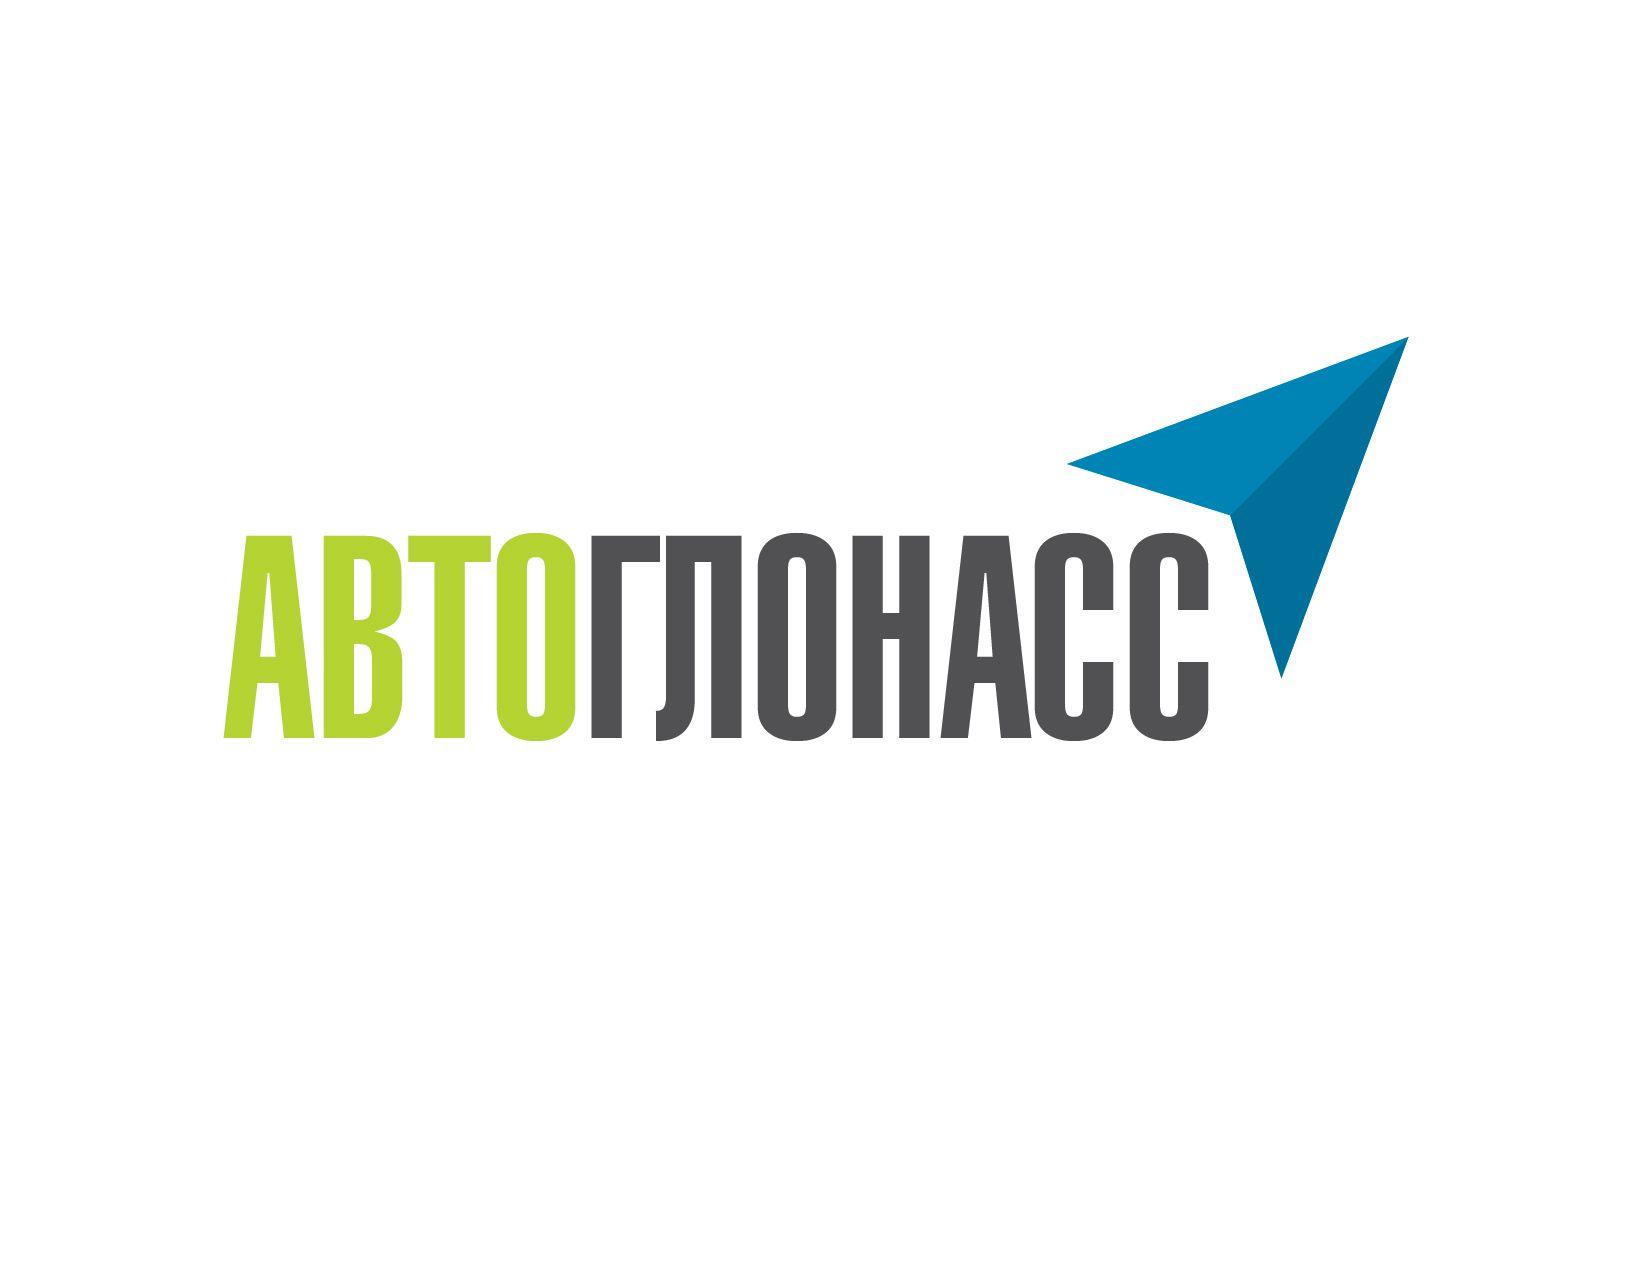 Логотип и фирменный стиль проекта АвтоГЛОНАСС - дизайнер andyul